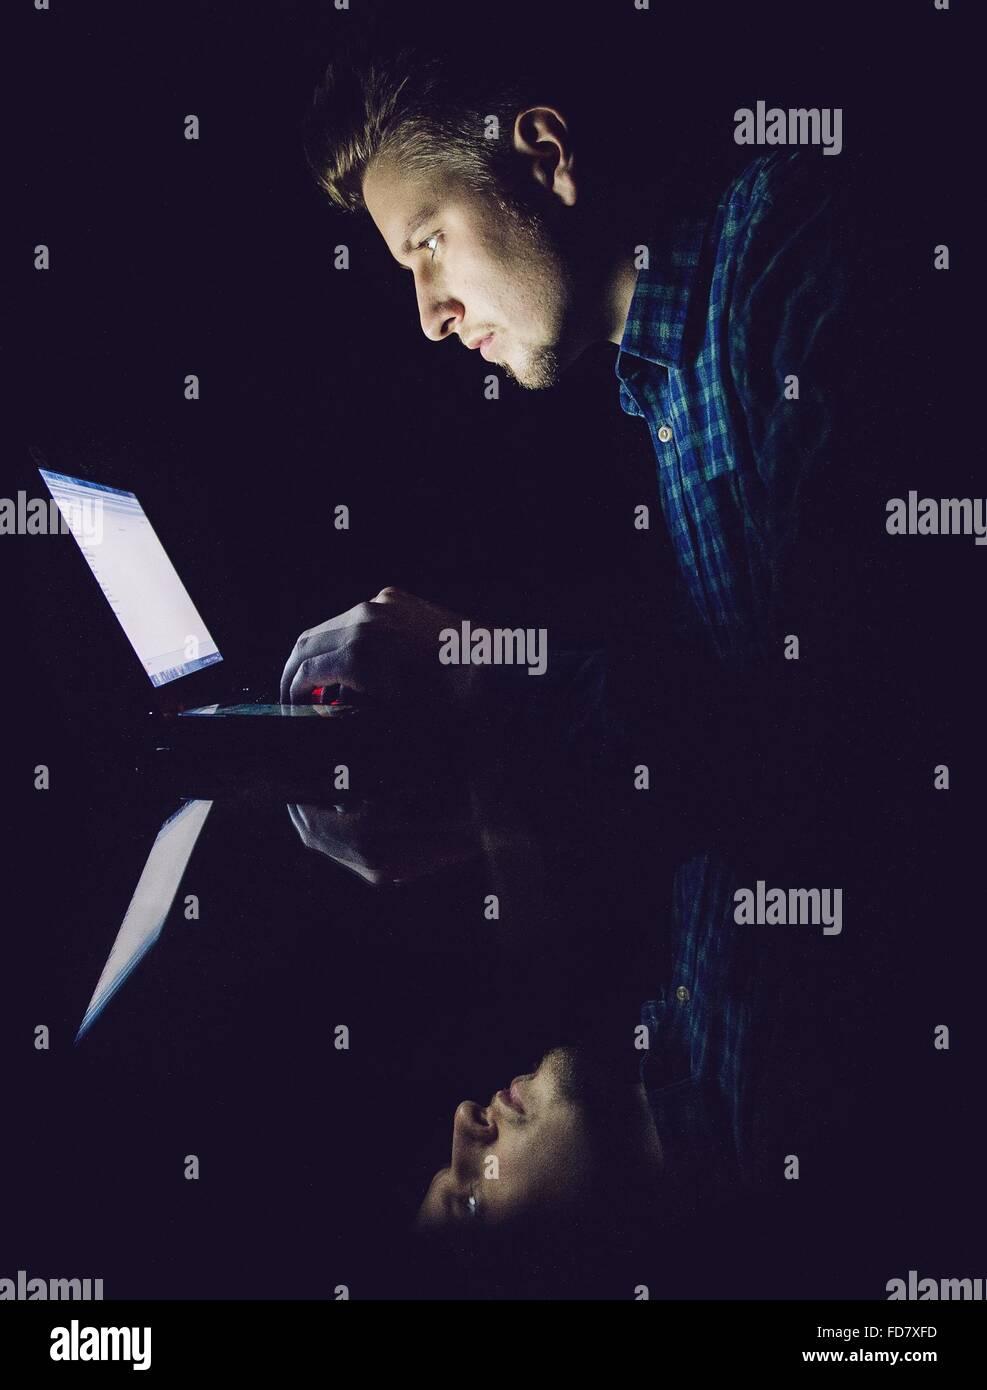 La reflexión del joven en el cristal mientras se utiliza el portátil en el cuarto oscuro Imagen De Stock